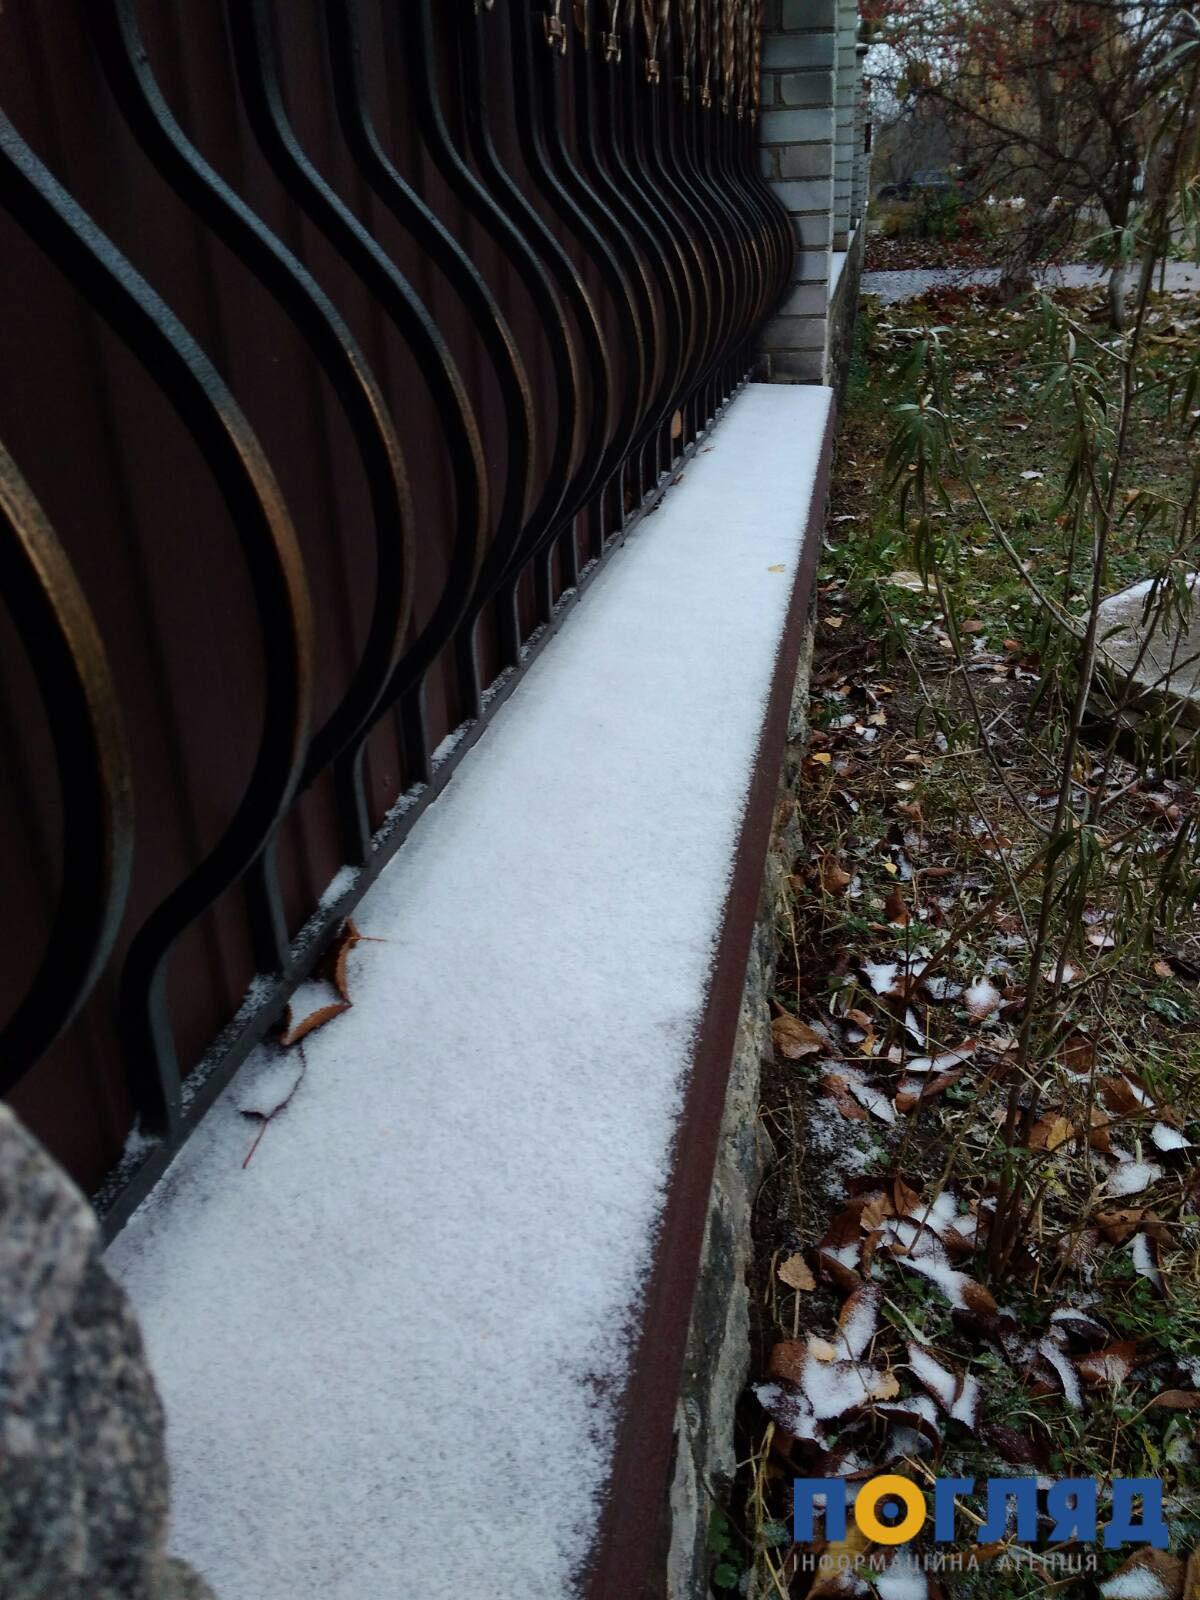 Засніжило: на Київщині випав перший сніг (ФОТО) - сніг, погода, перший сніг - 17 sneg borodyanka6